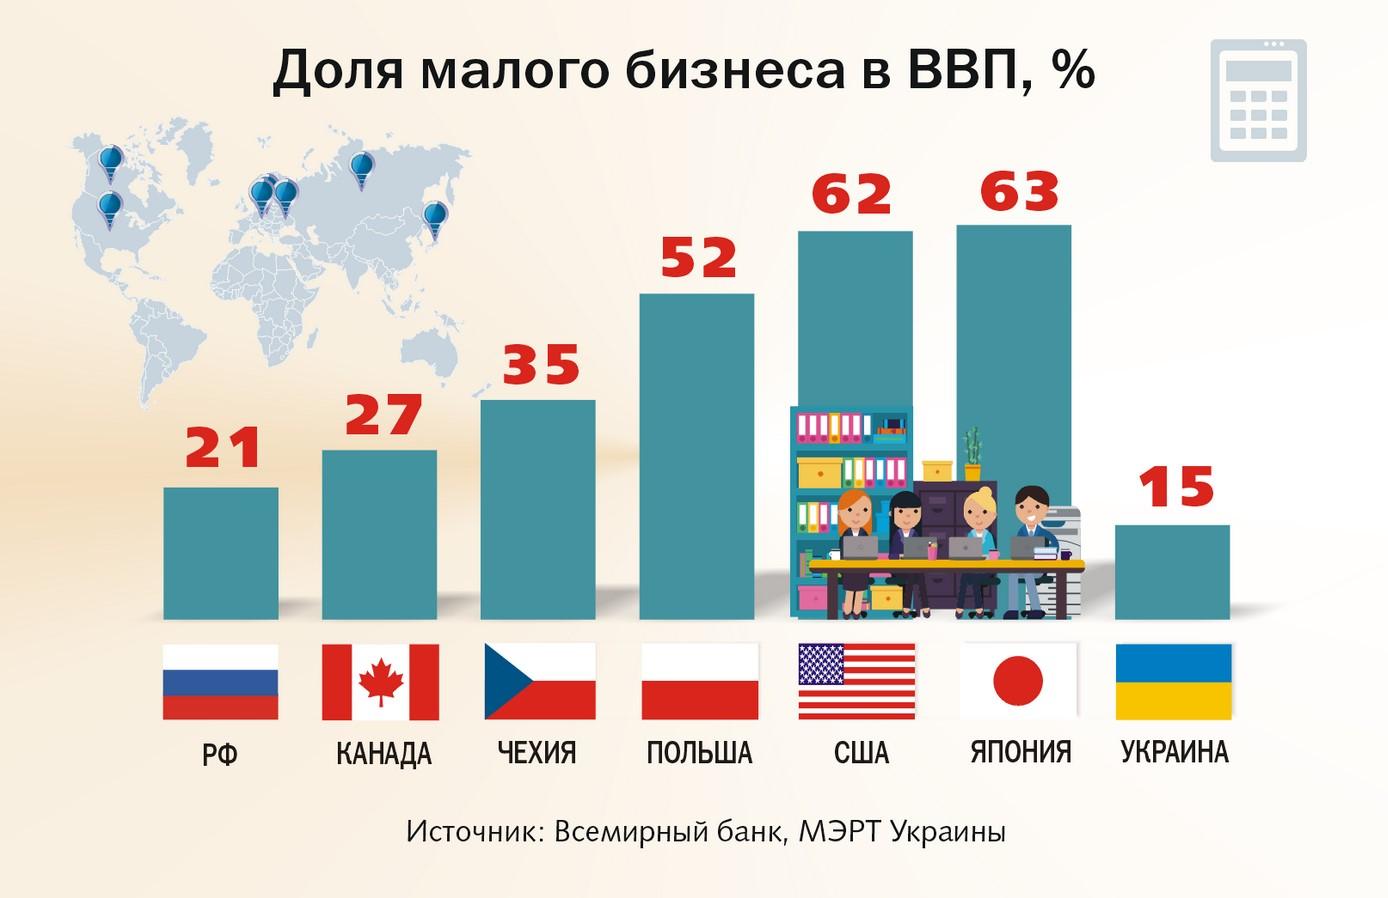 Доля малого бизнеса в ВВП